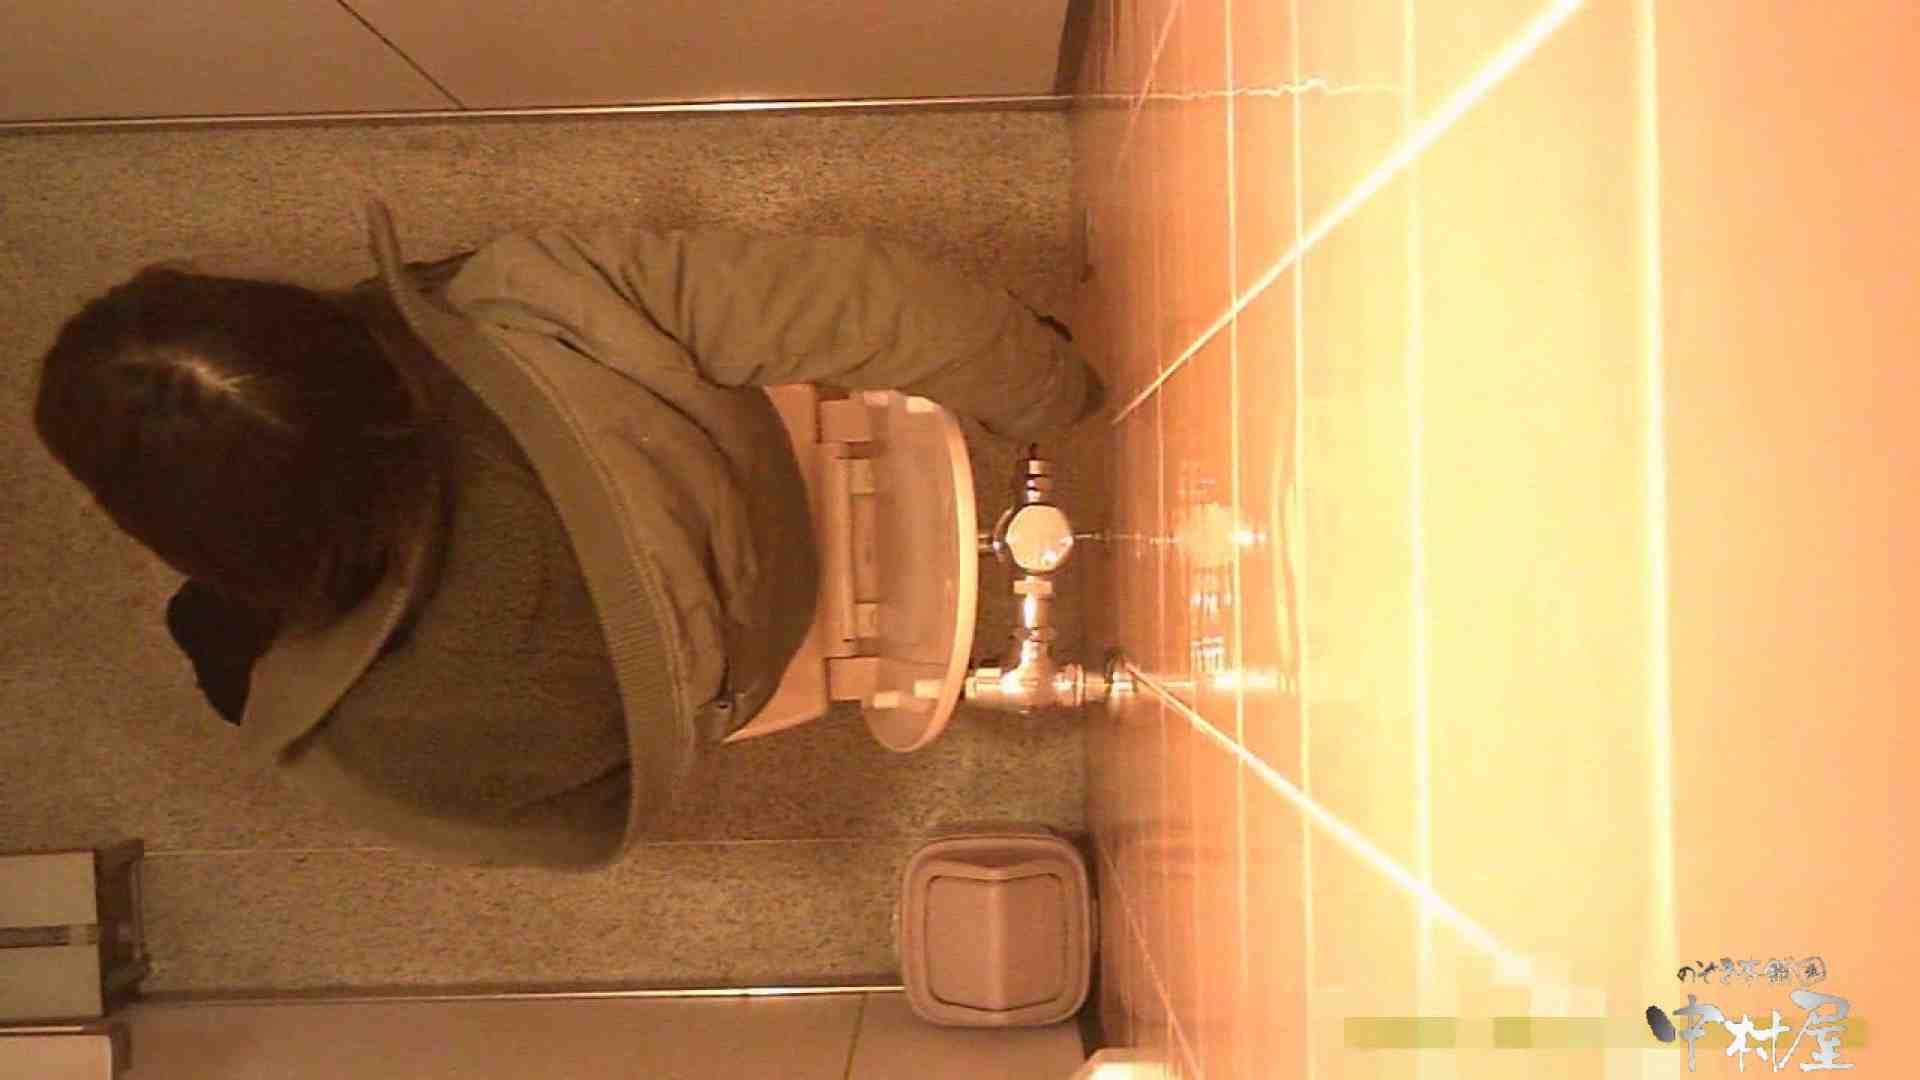 初盗撮!女盗撮師カレンさんの 潜入!女子トイレ盗撮!Vol.5 女子トイレ | 盗撮  61pic 19